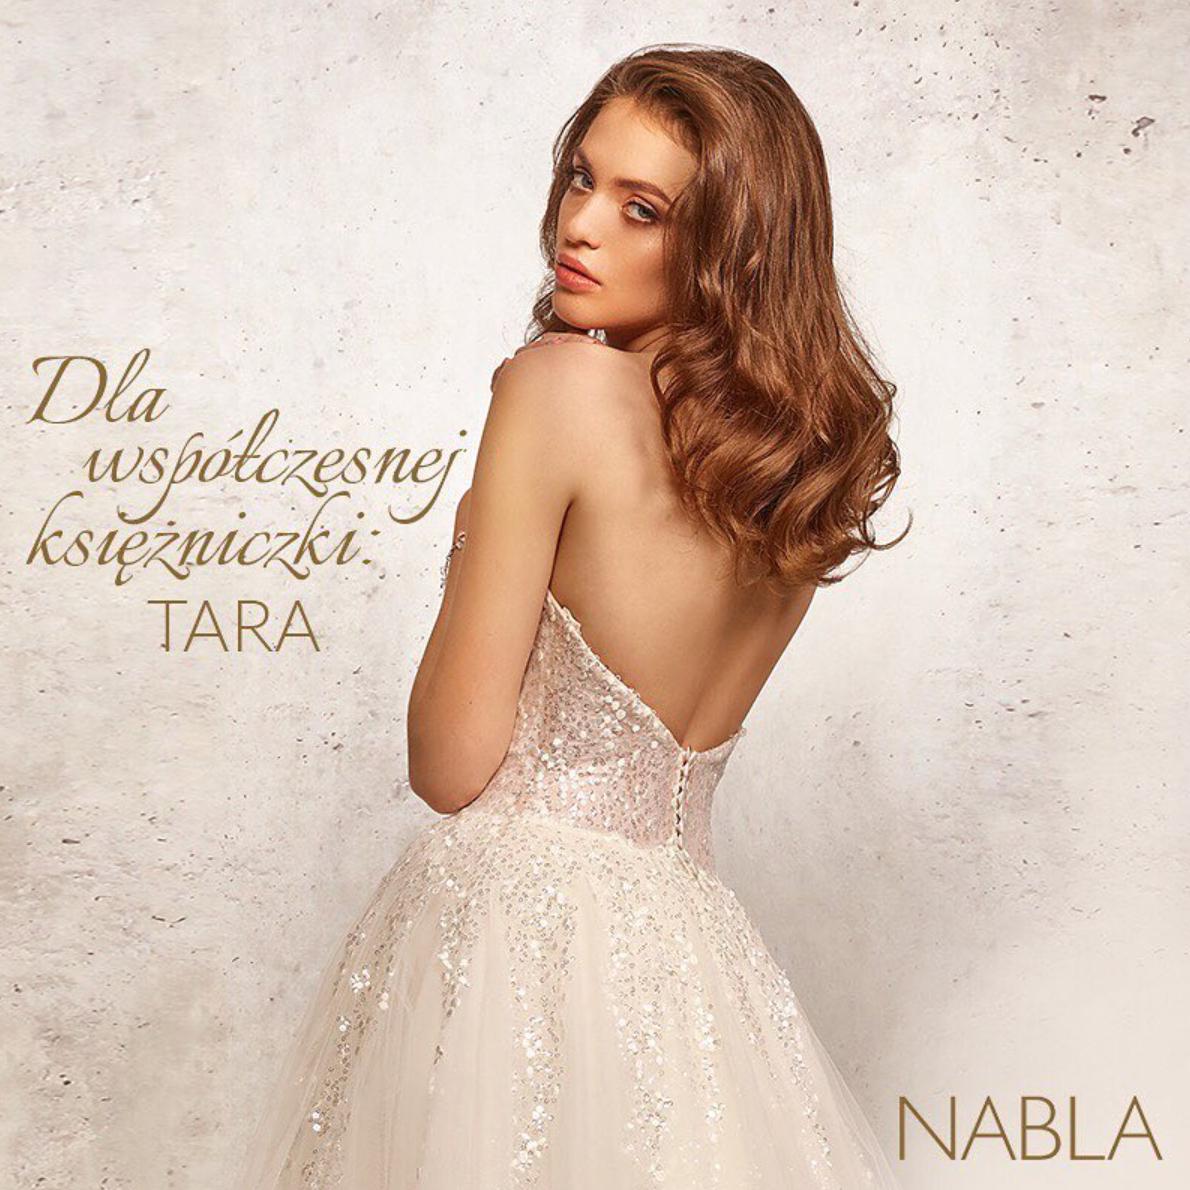 Banner Nabla – Instagram